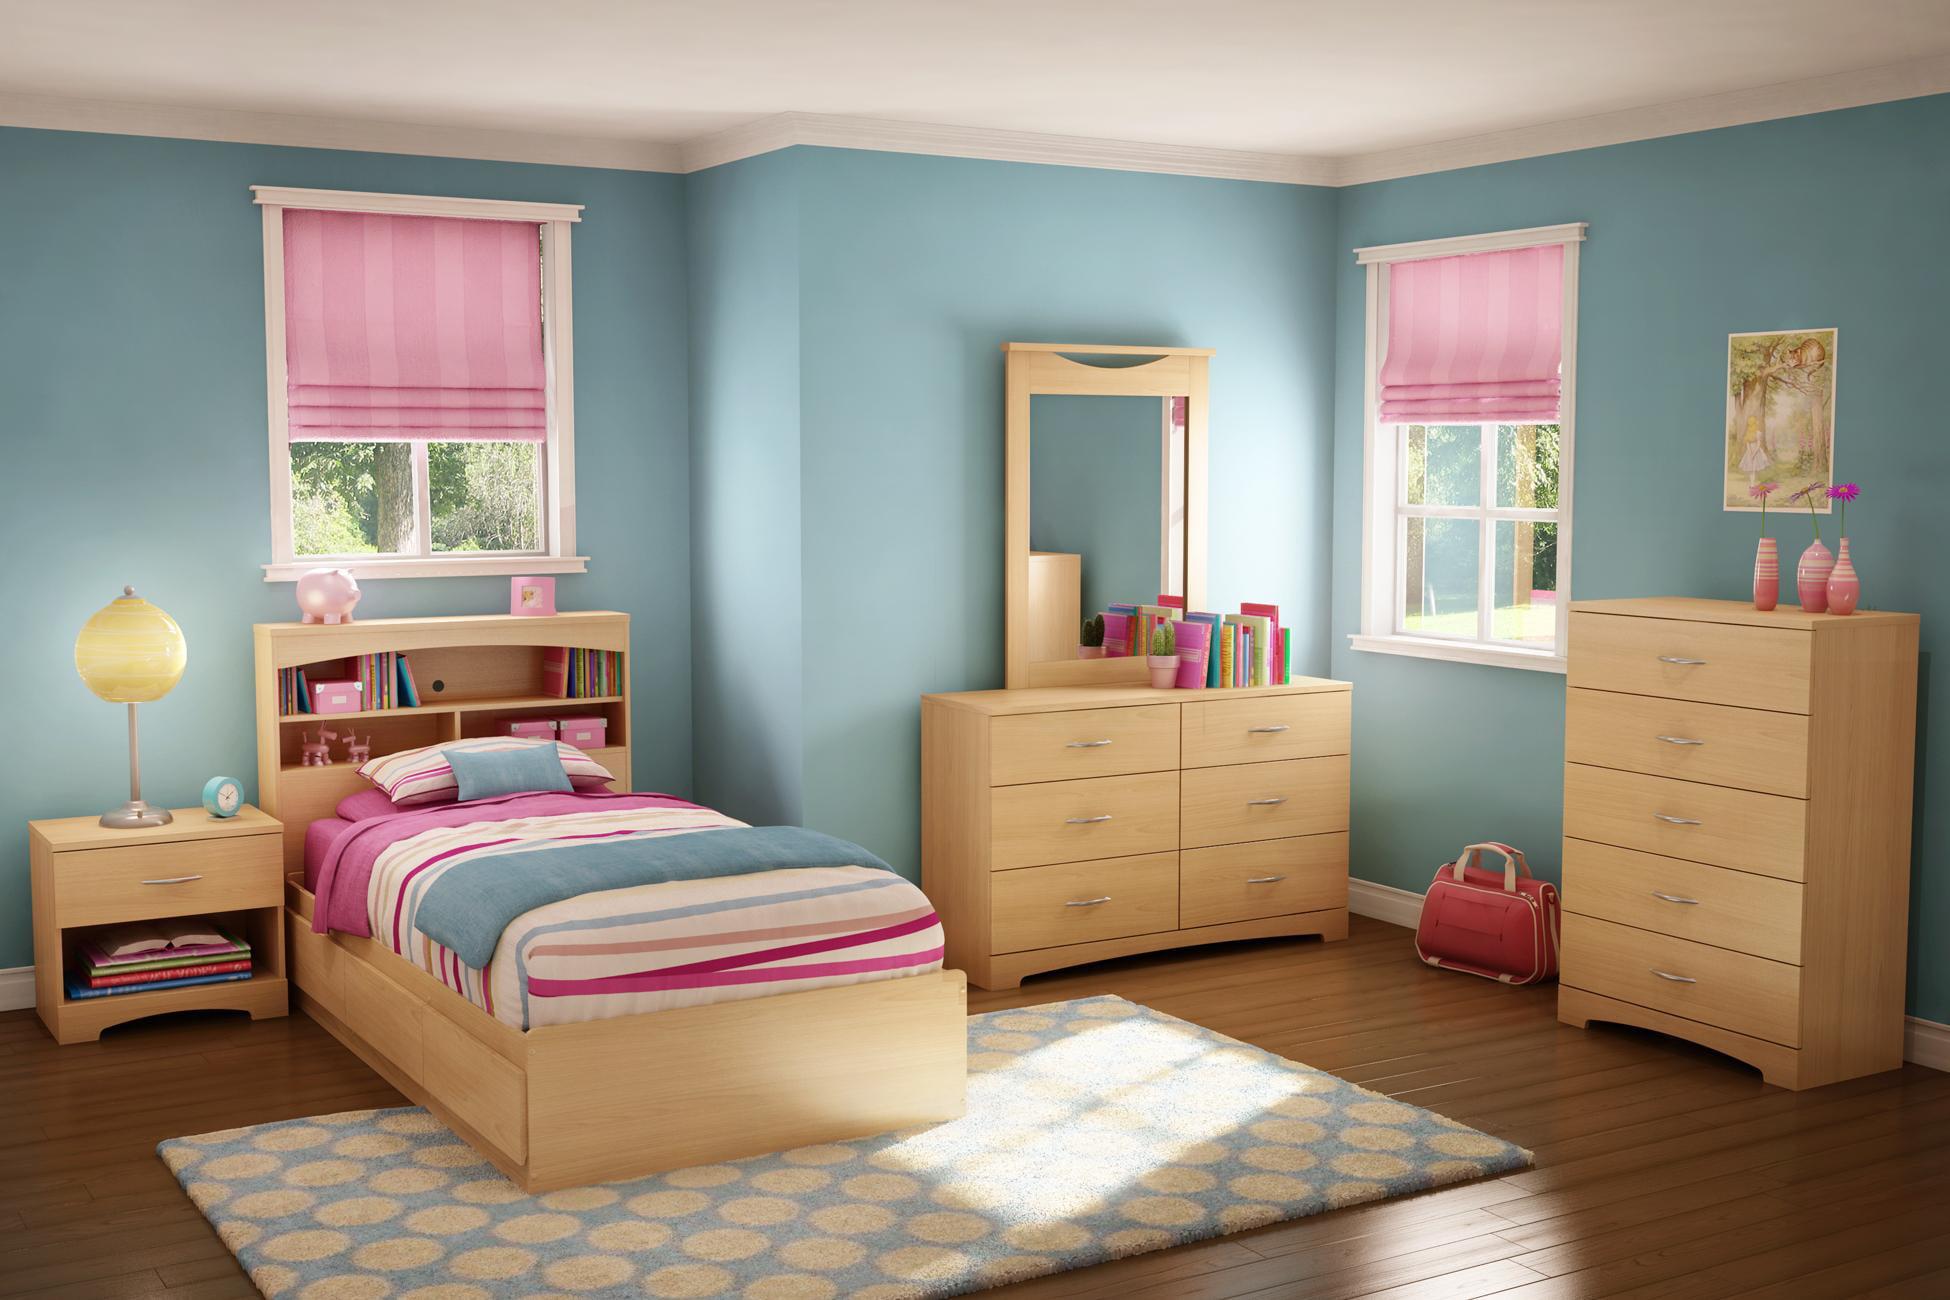 Copley Twin Mates 9 Piece Bedroom Set - Walmart.com